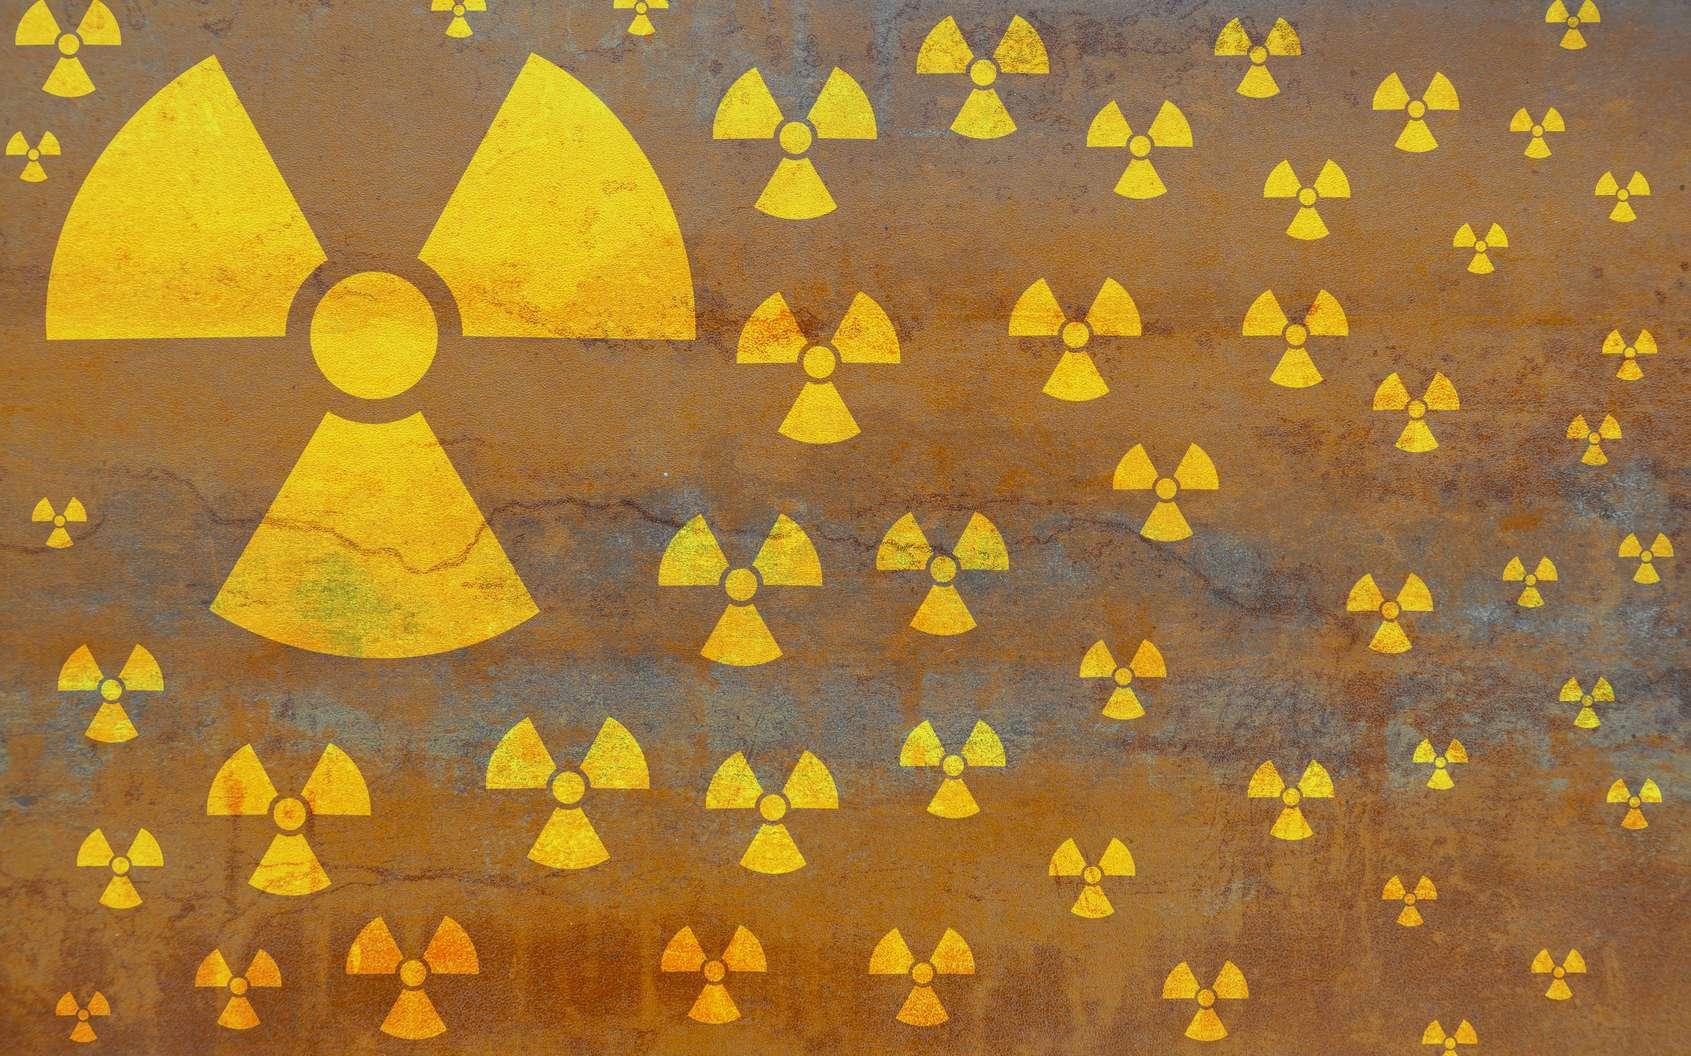 En France, nous recevons en moyenne une radioactivité de 4,5 mSv/an. © VRD, Fotolia